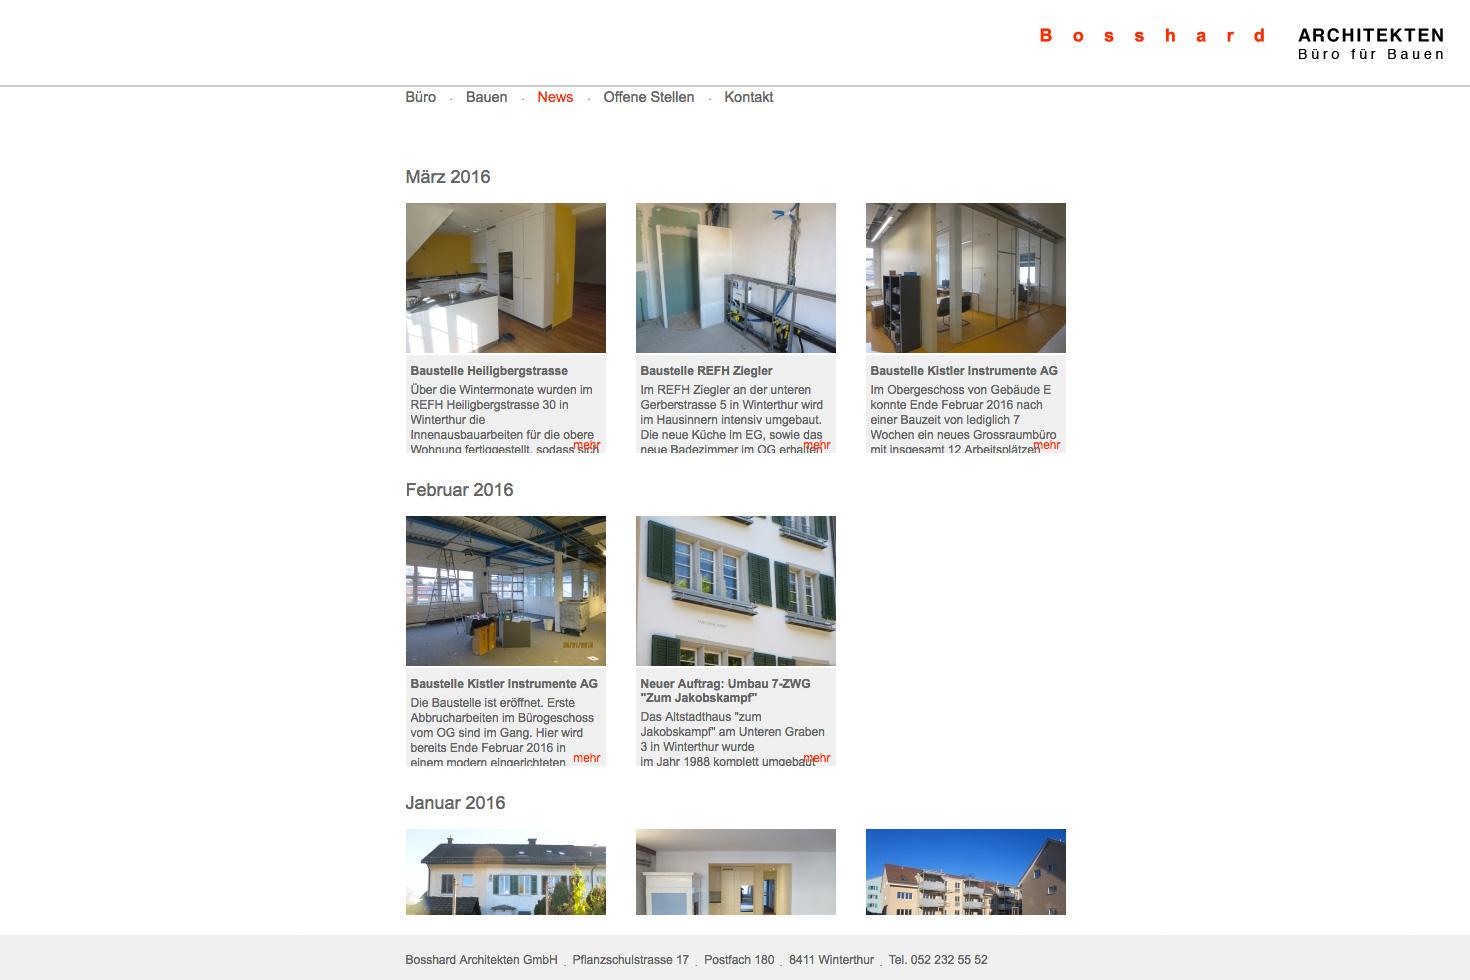 Bild 4 vom Büro für Bauen Webseite